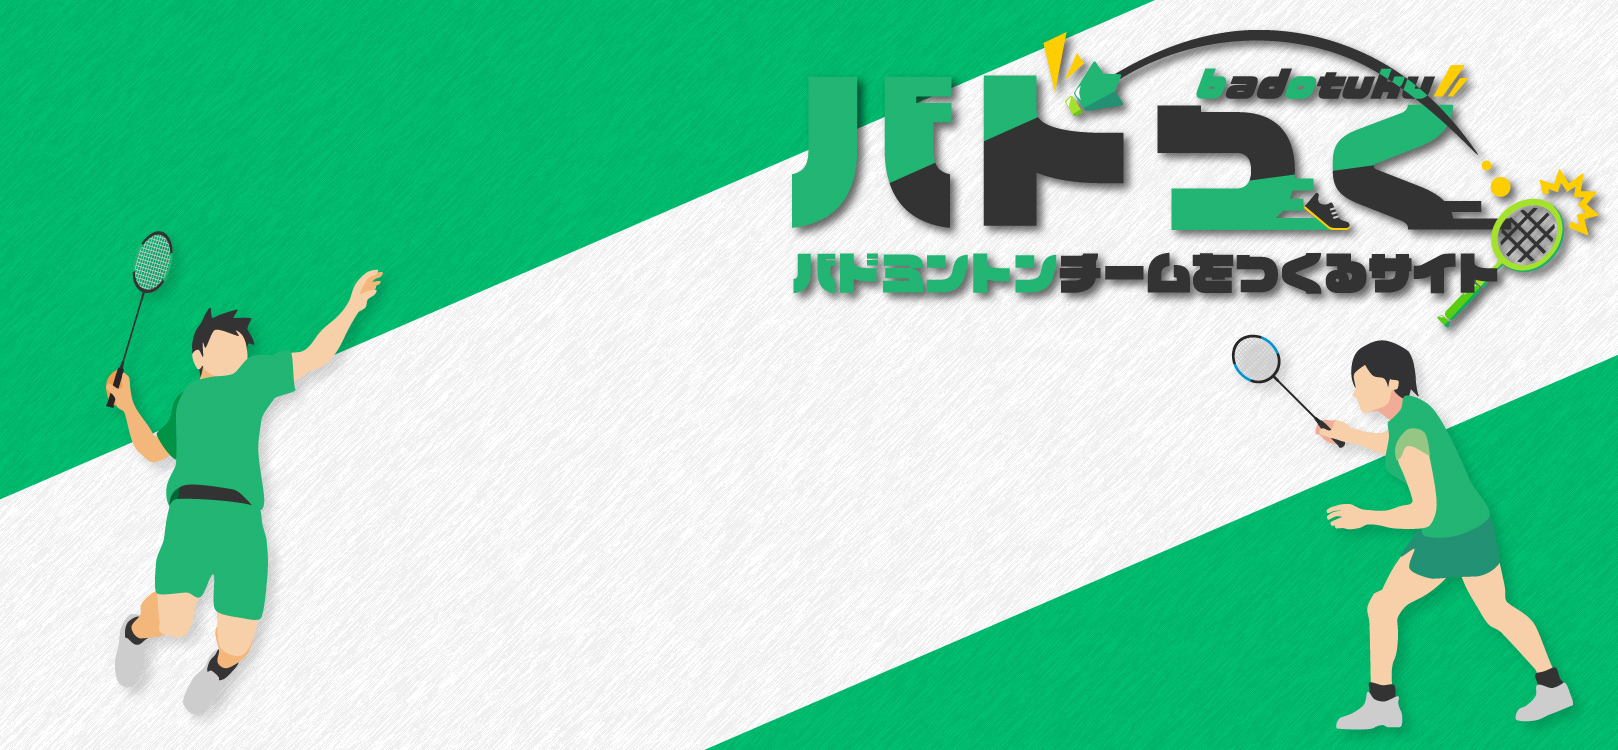 NEW_TOP_デスクトップ5